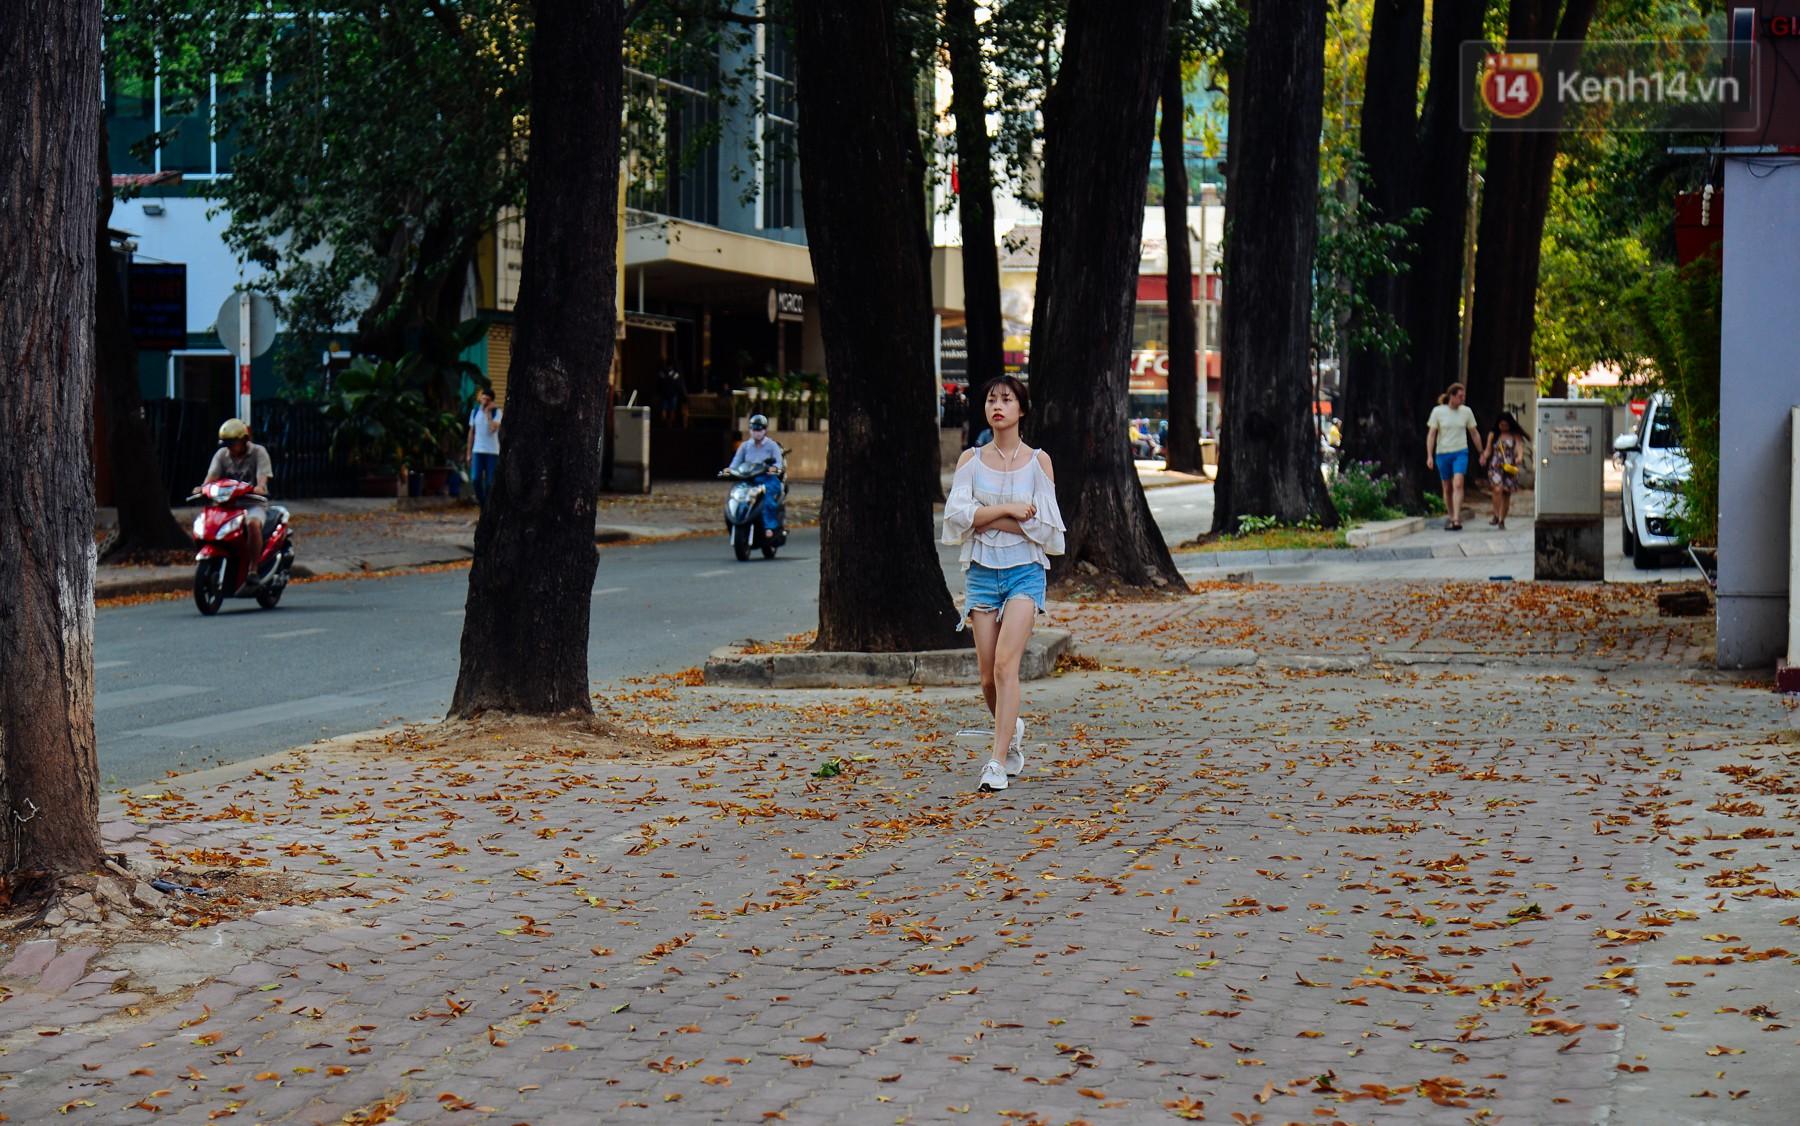 """Sài Gòn, có một mùa Chò rơi """"quyến rũ"""" đến thế 1"""